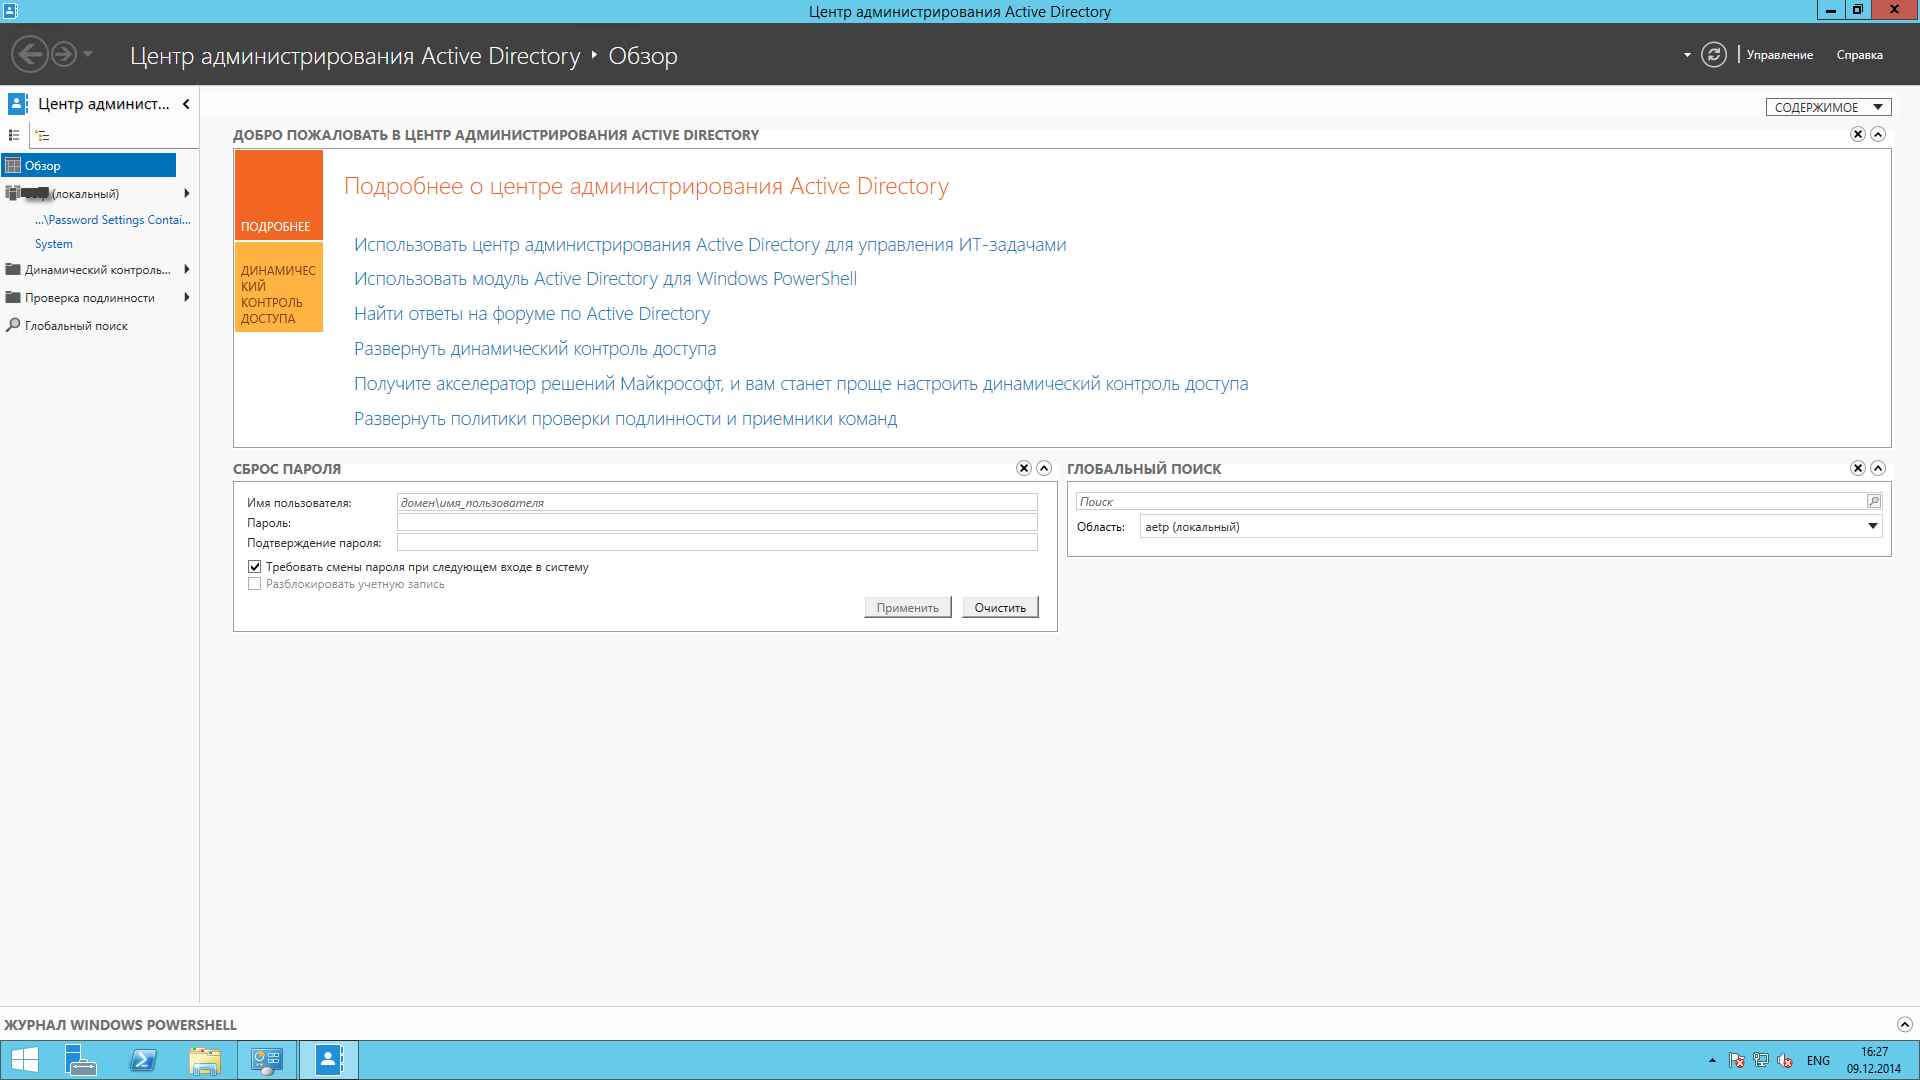 Как настроить гранулированные политики паролей или PSO (password setting object) в windows server 2012R2-04